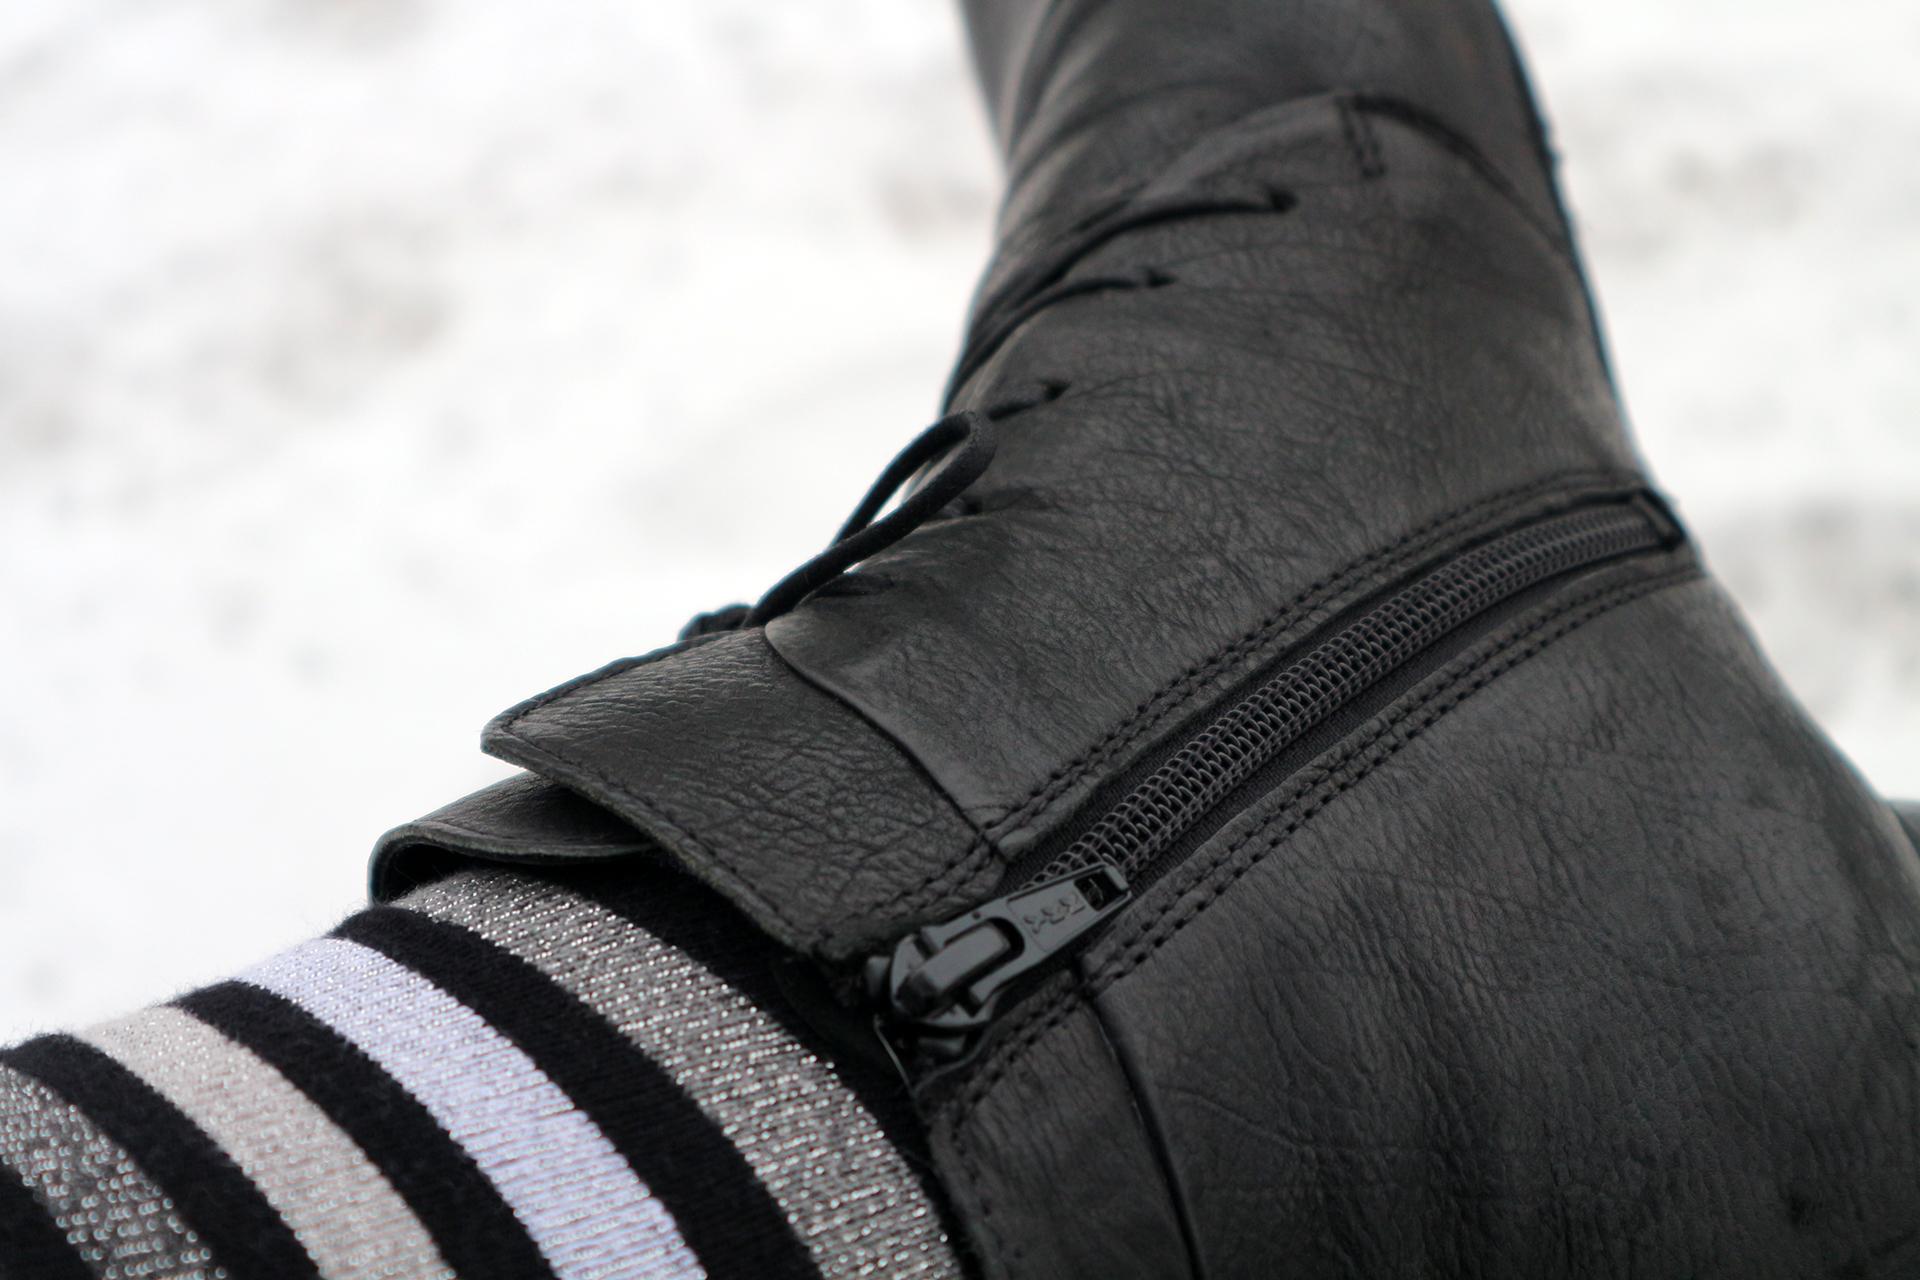 Müheloses An- und Ausziehen ist dank des seitlichen Reißverschlusses garantiert